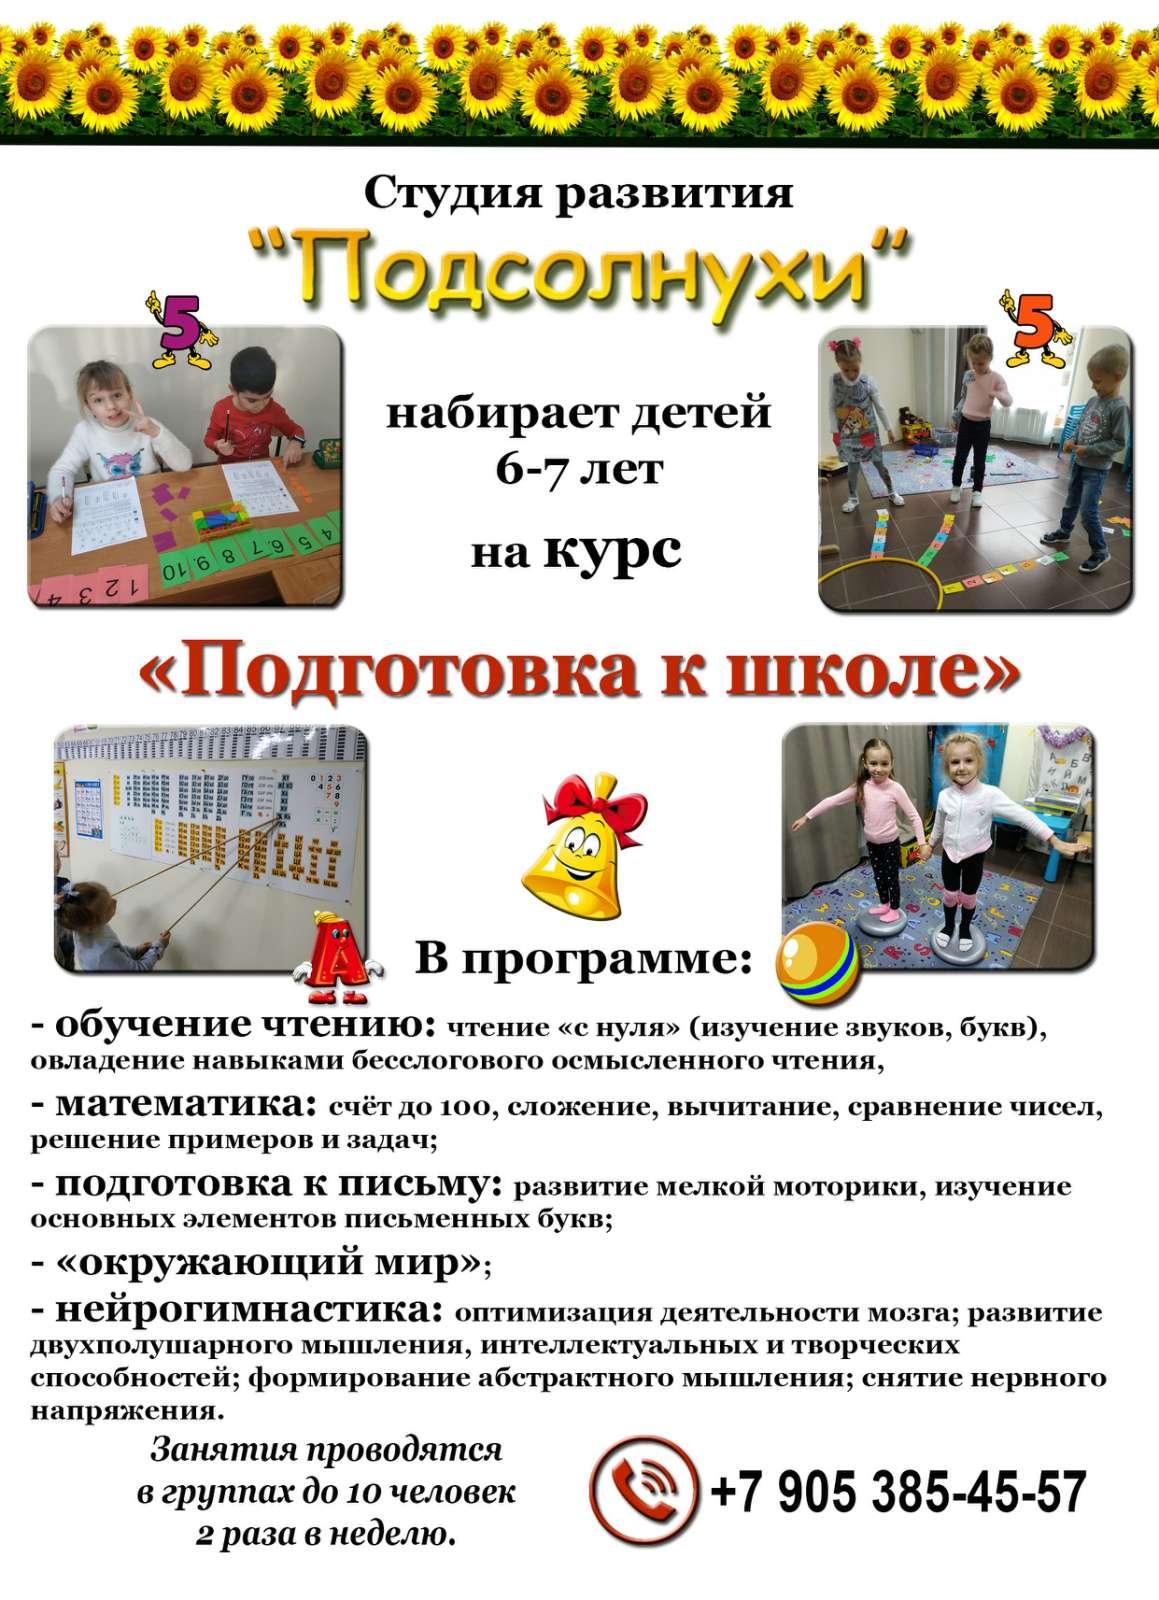 Студия дошкольного развития «Подсолнух», группа «Подготовка к школе» - объявление